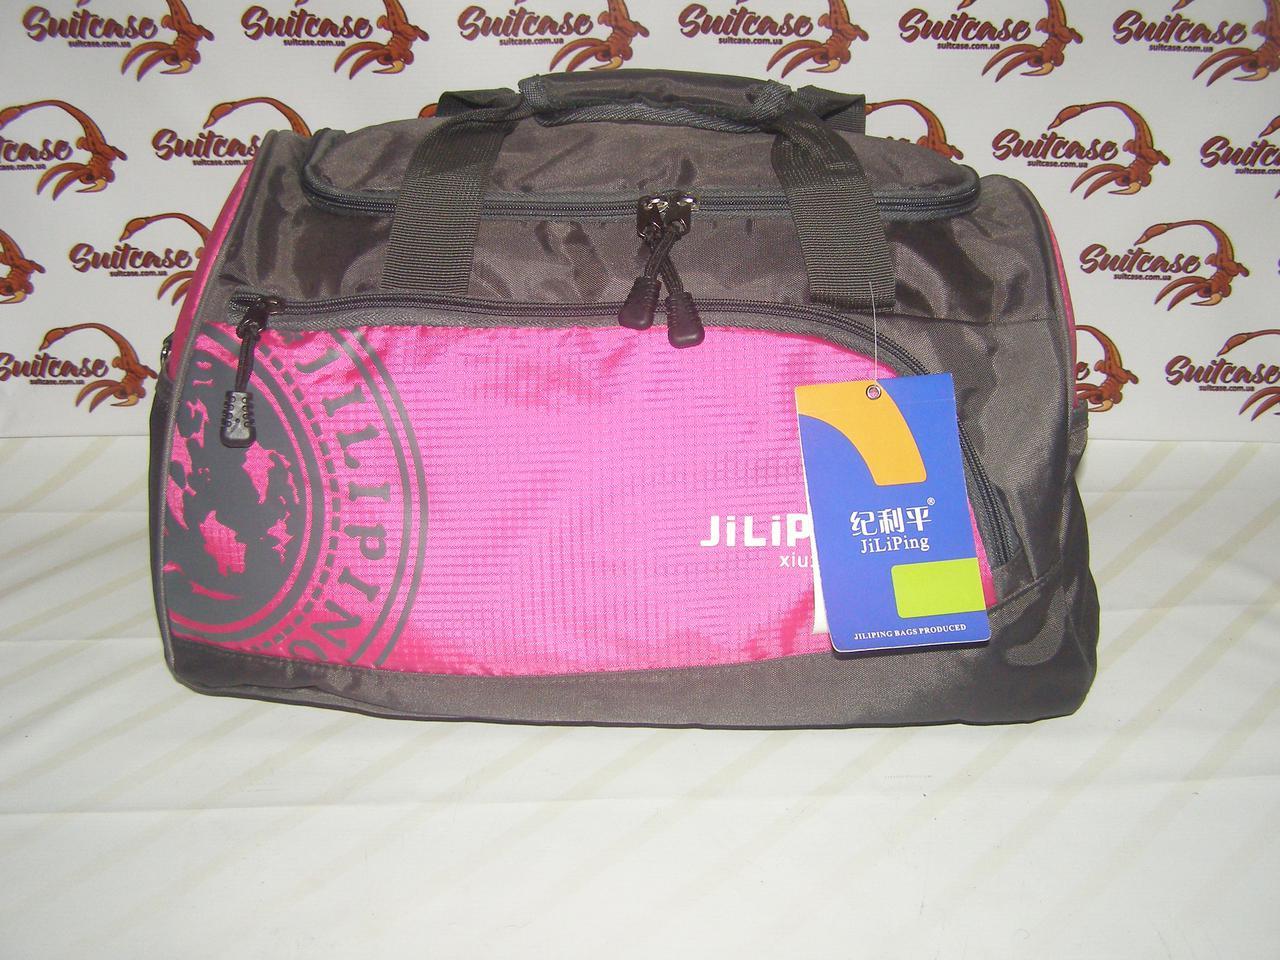 0ec70c05 Спортивная сумка JILIPING 28л - Интернет-магазин «Валіза». в Конотопе